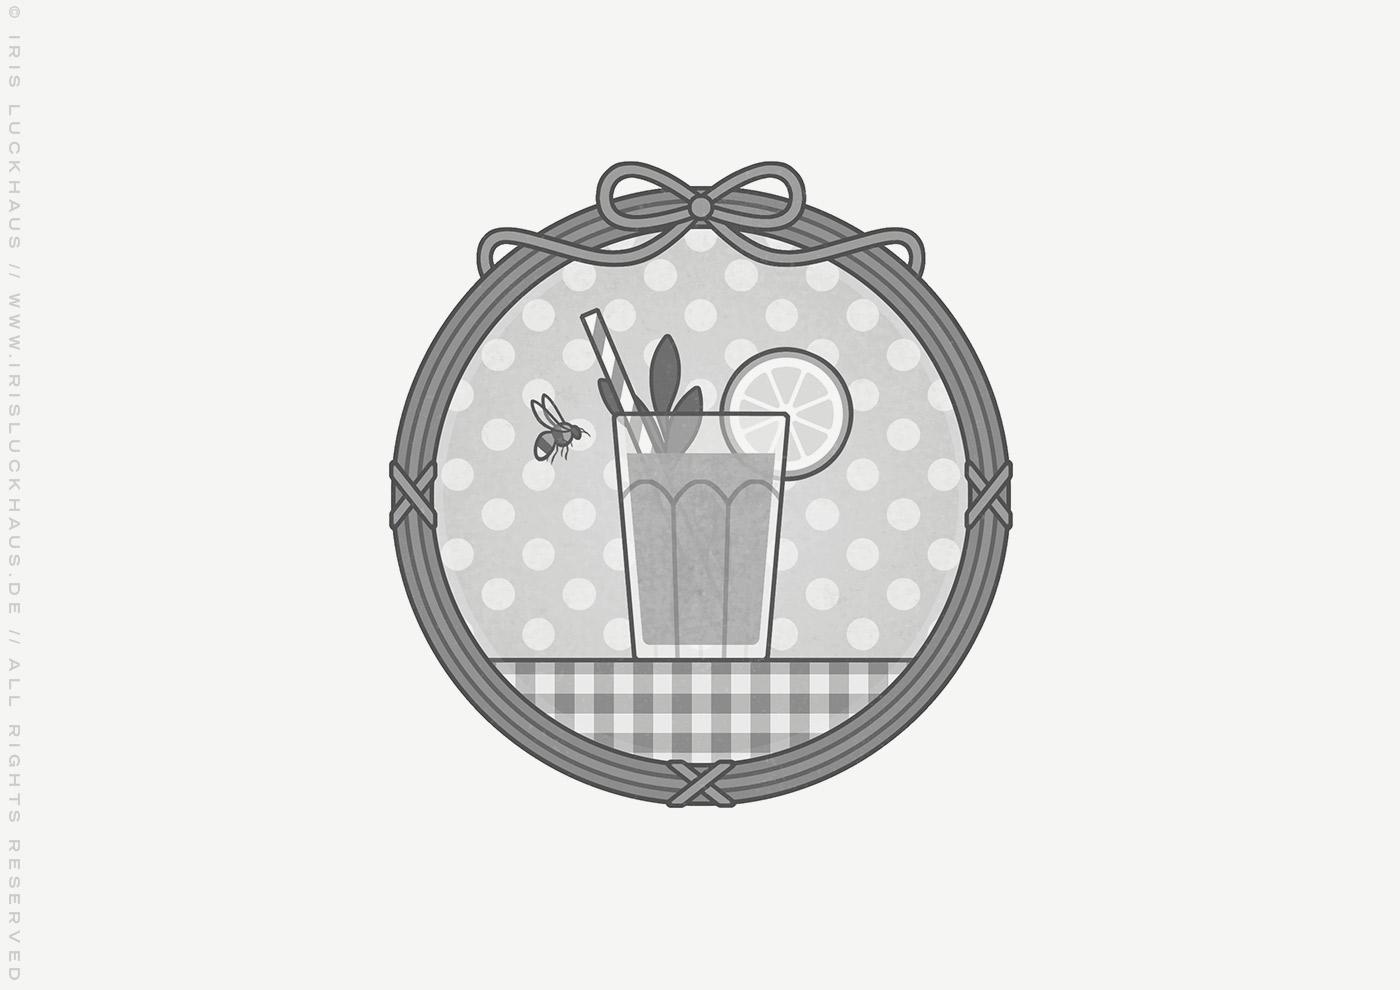 Vignette von Mimi Fiedlers Grünem Smoothie für das Buch Brauchsu keine Doktor, brauchsu nur diese Buch – Die Balkantherapie für Liebe, Leib und Leben von Mimi Fiedler im MVG Verlag